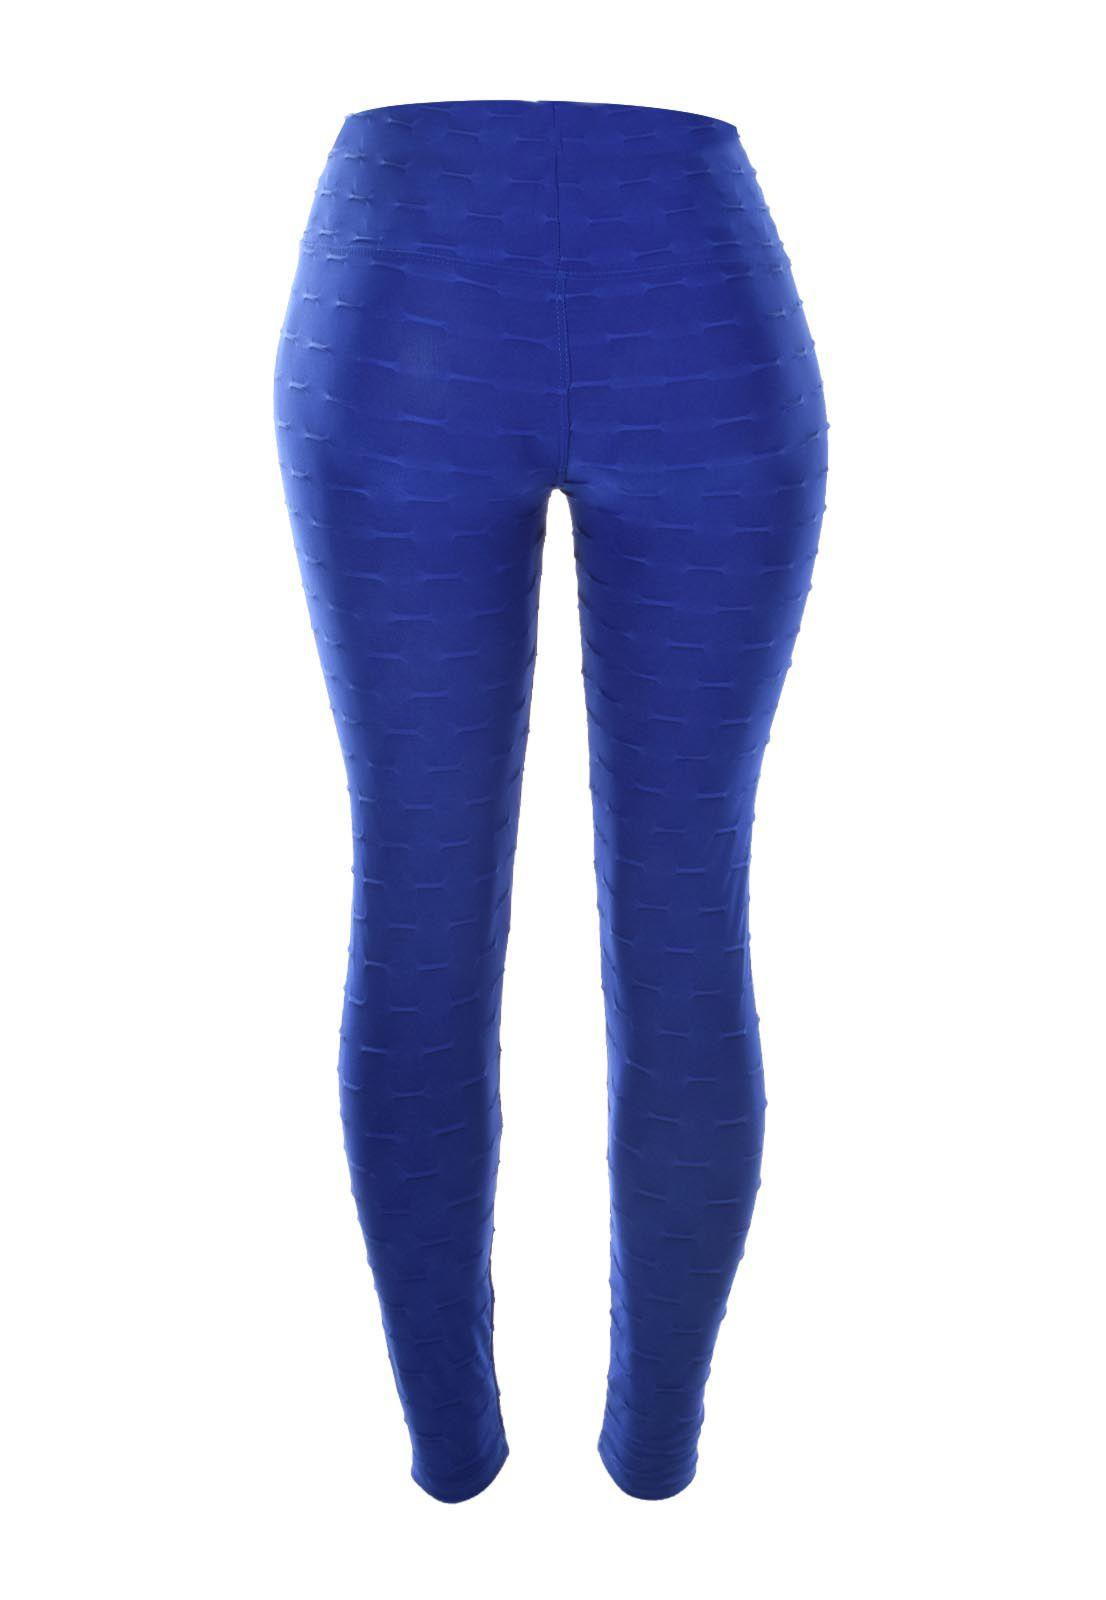 Legging OutletDri Fitness Detalhe Em Relevo Azul